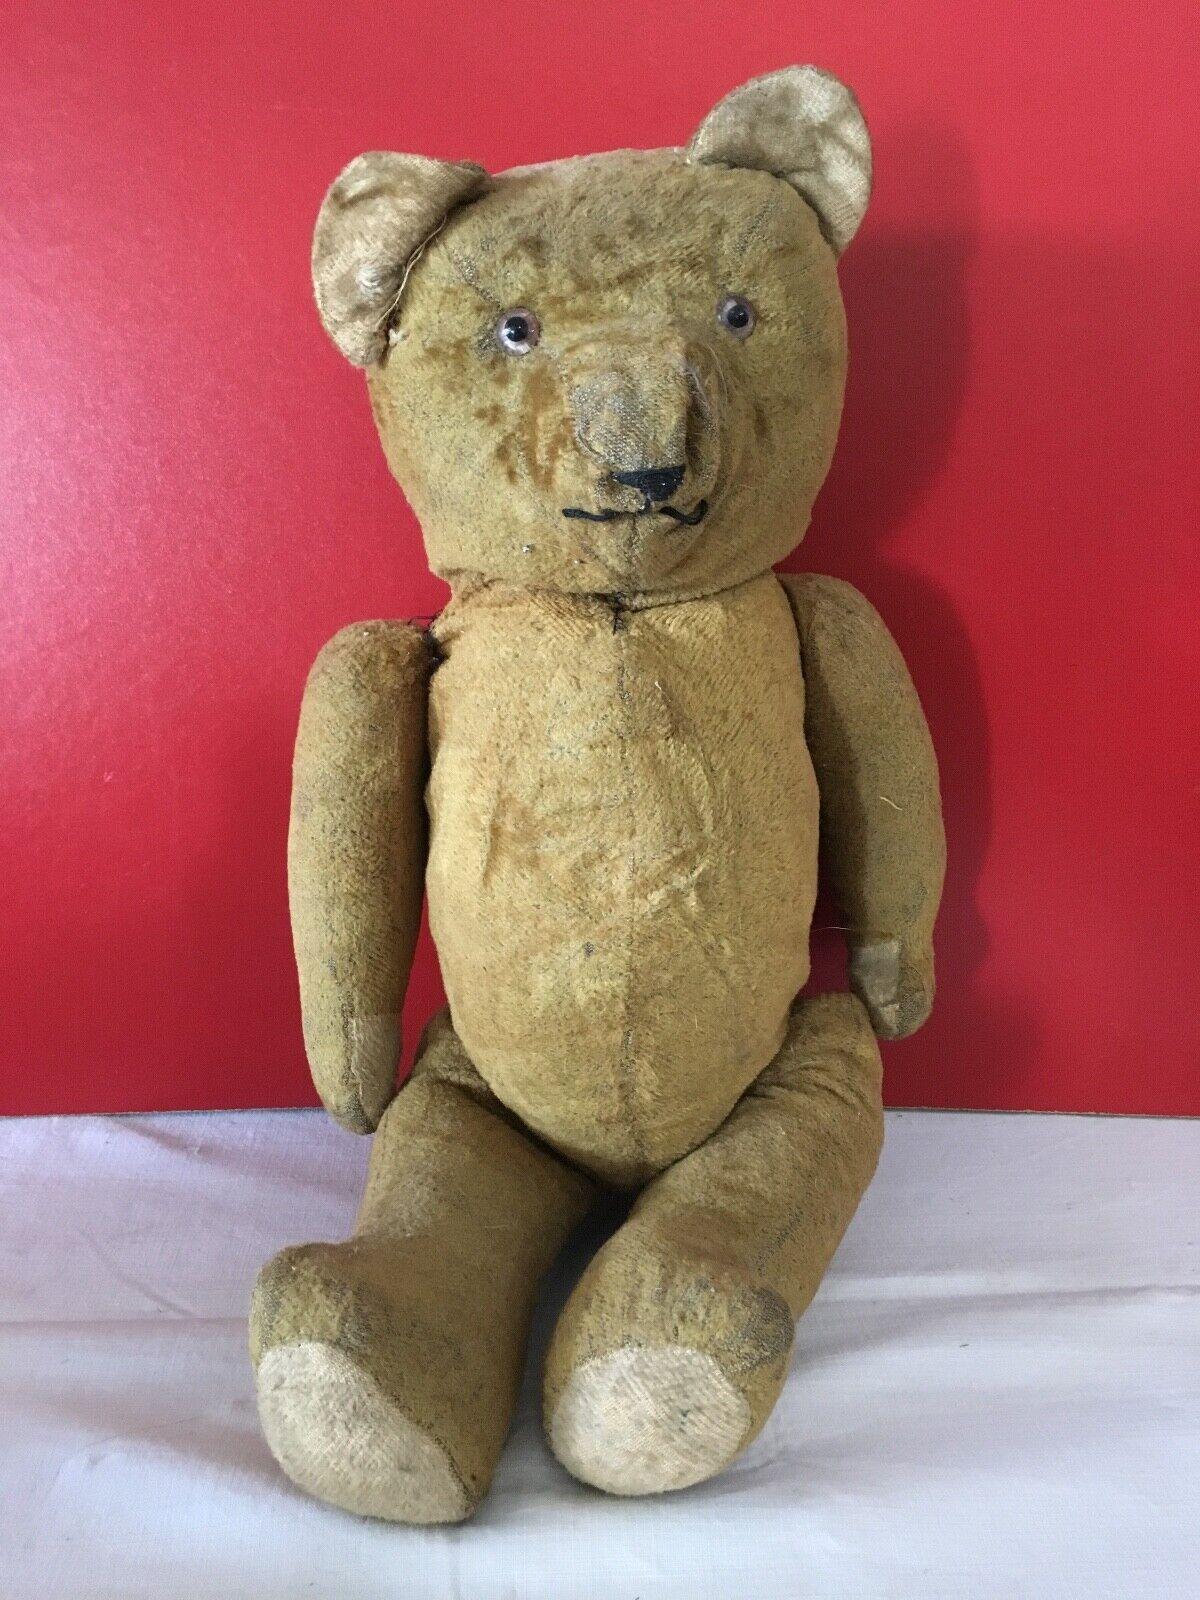 TEDDY BEAR OURS PELUCHE JOUET ANCIEN 58 cm  0054  JD